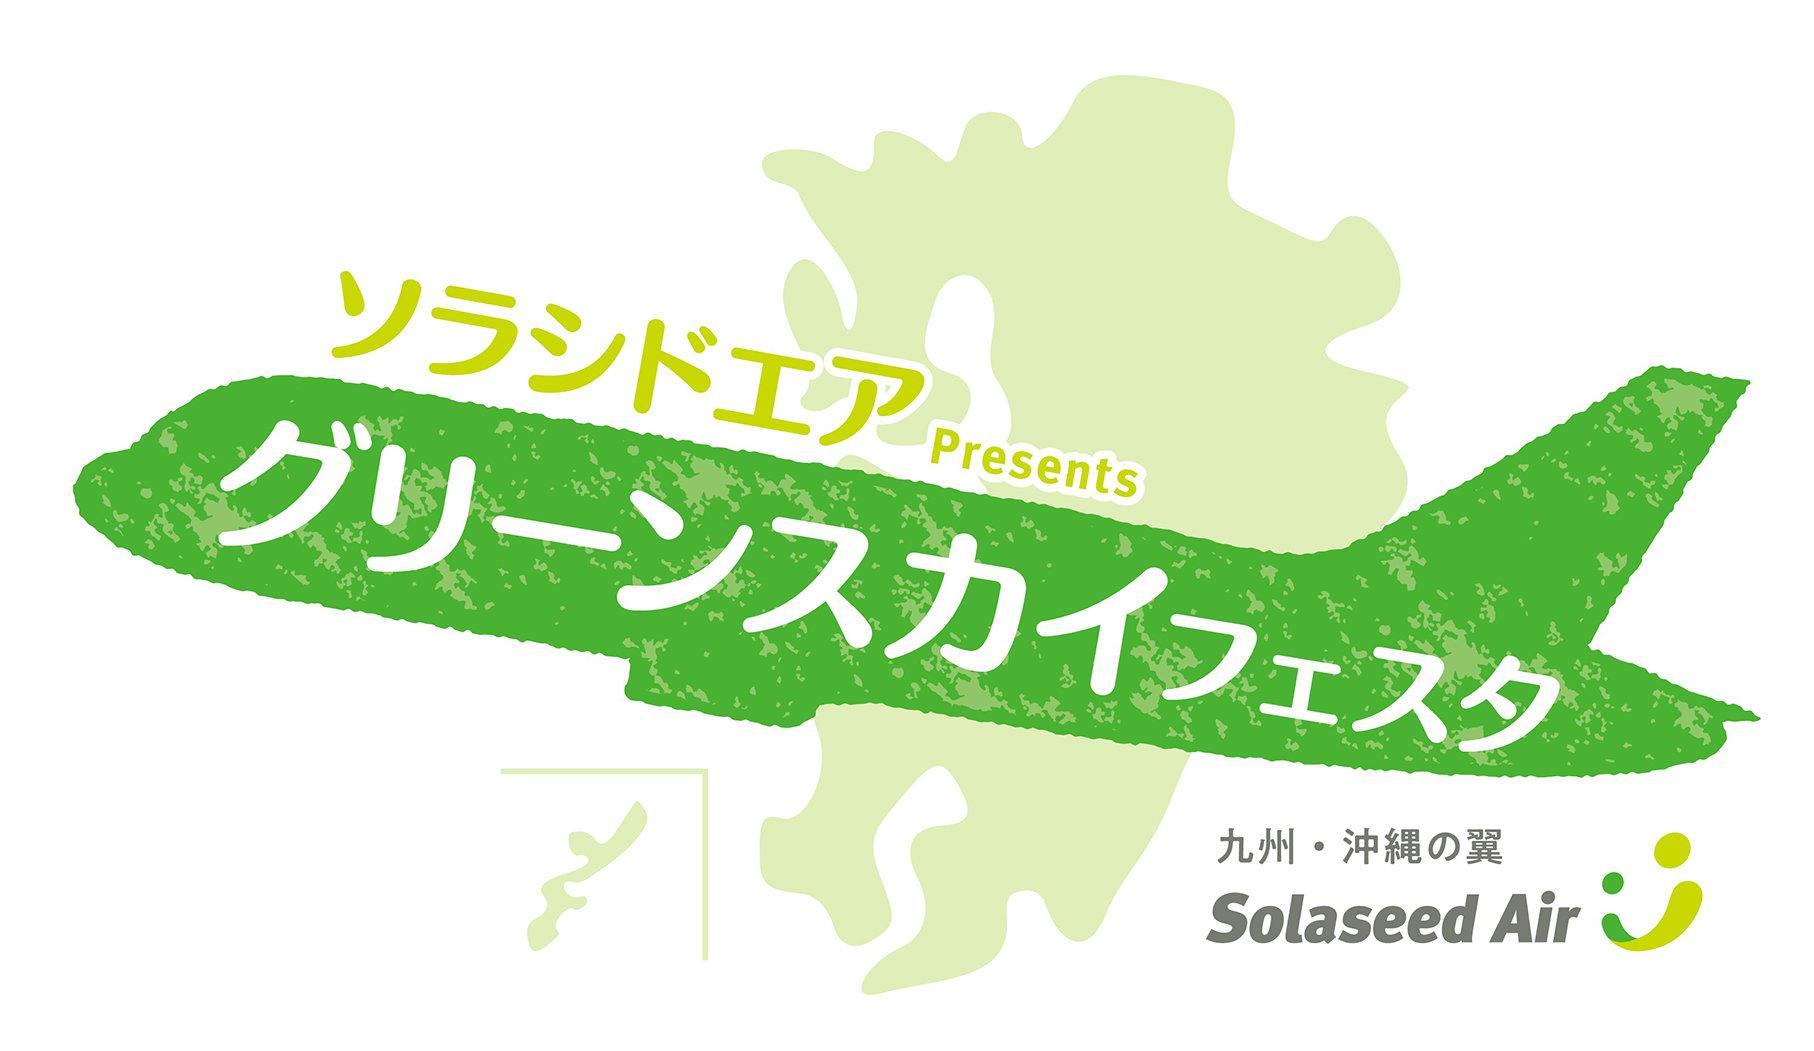 ソラシドエア Presents グリーンスカイフェスタのメインビジュアル